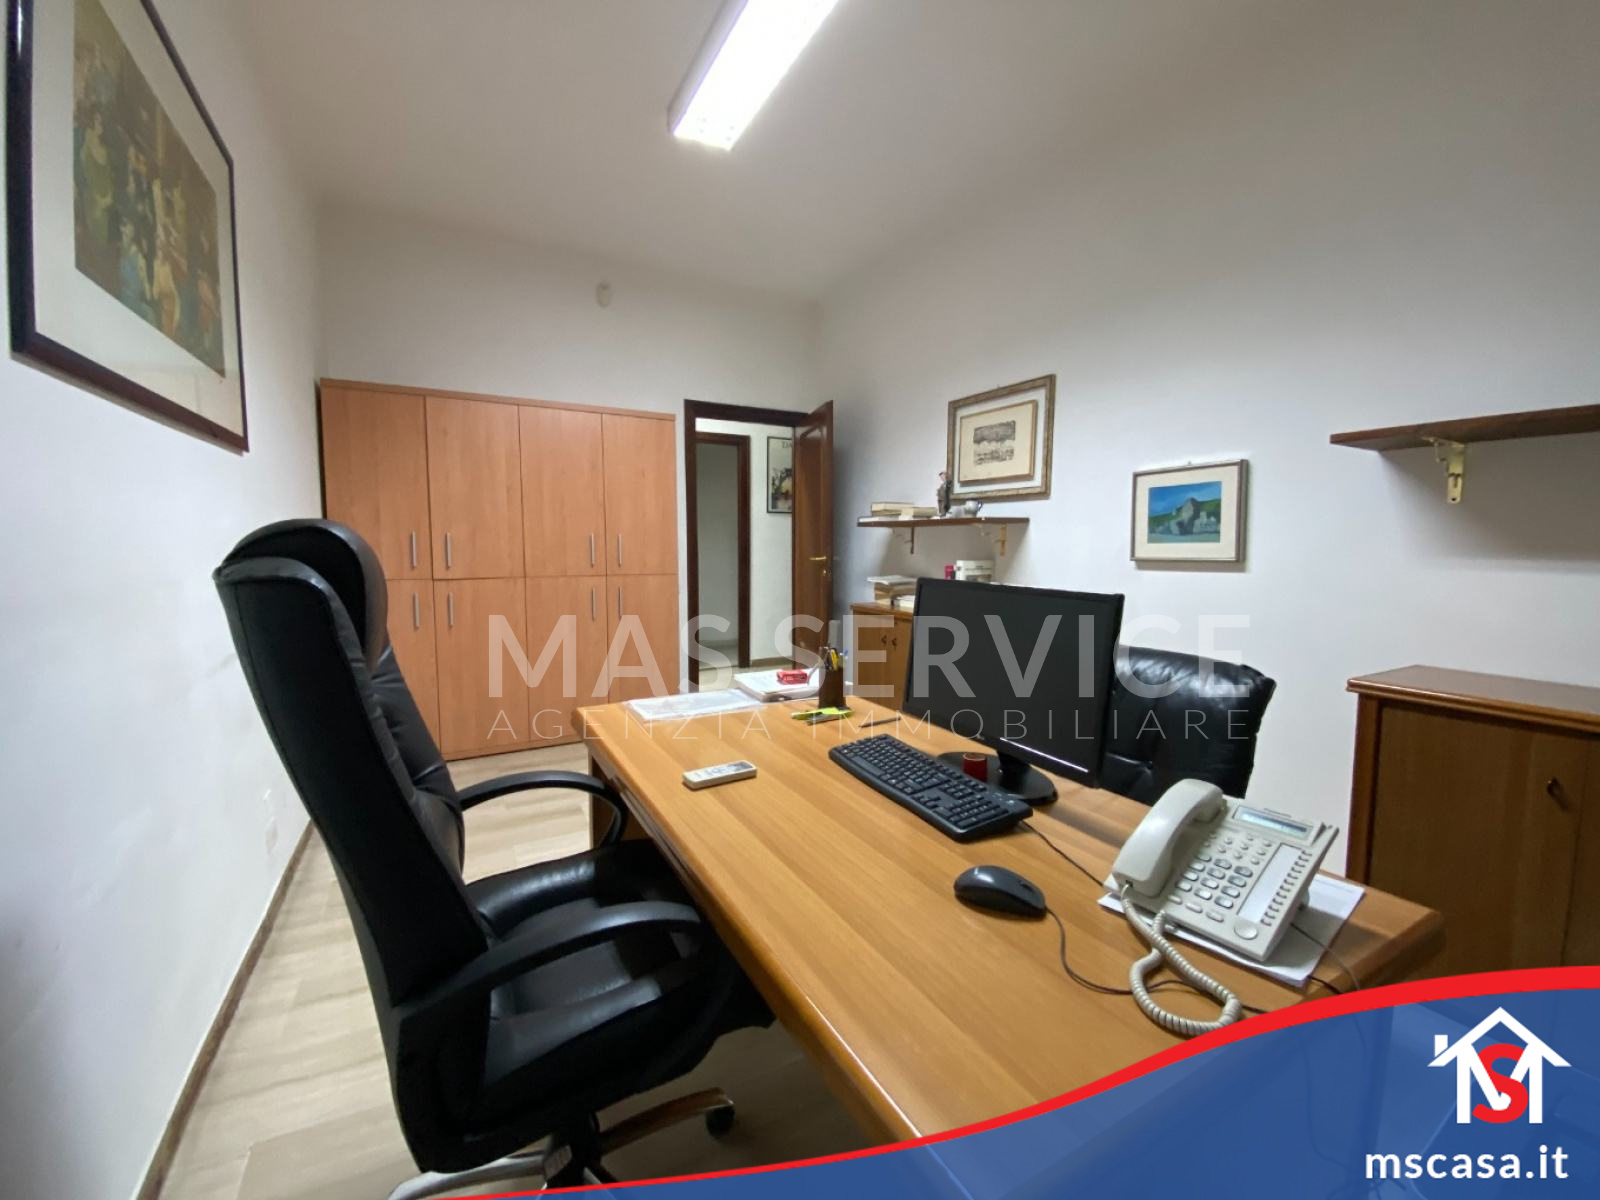 Appartamento in Vendita zona Montagnola a Roma Vista 2 Stanza